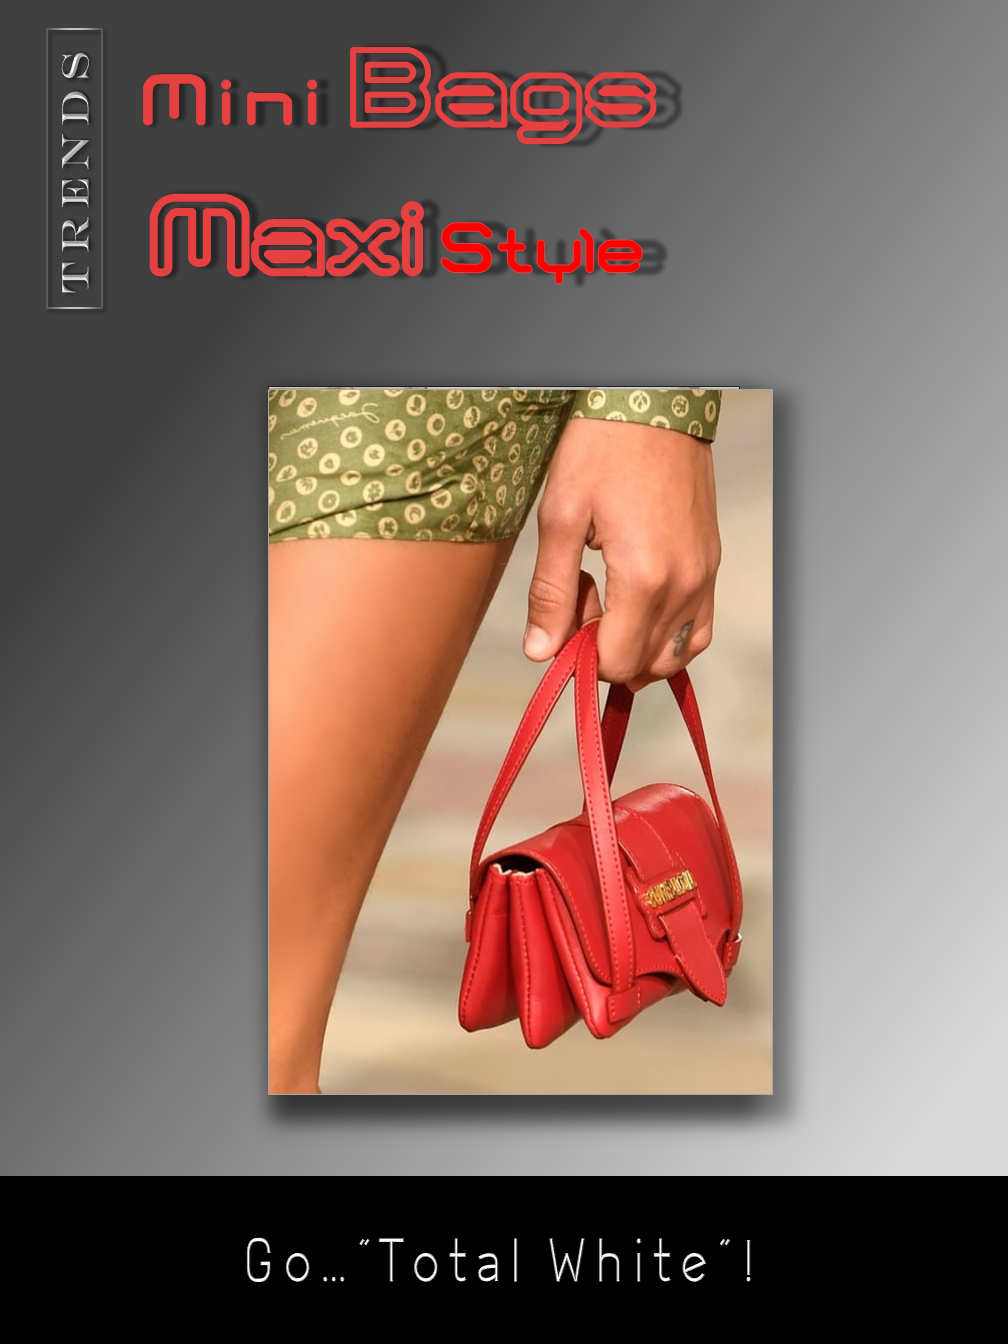 Mini Bags - Maxi Style